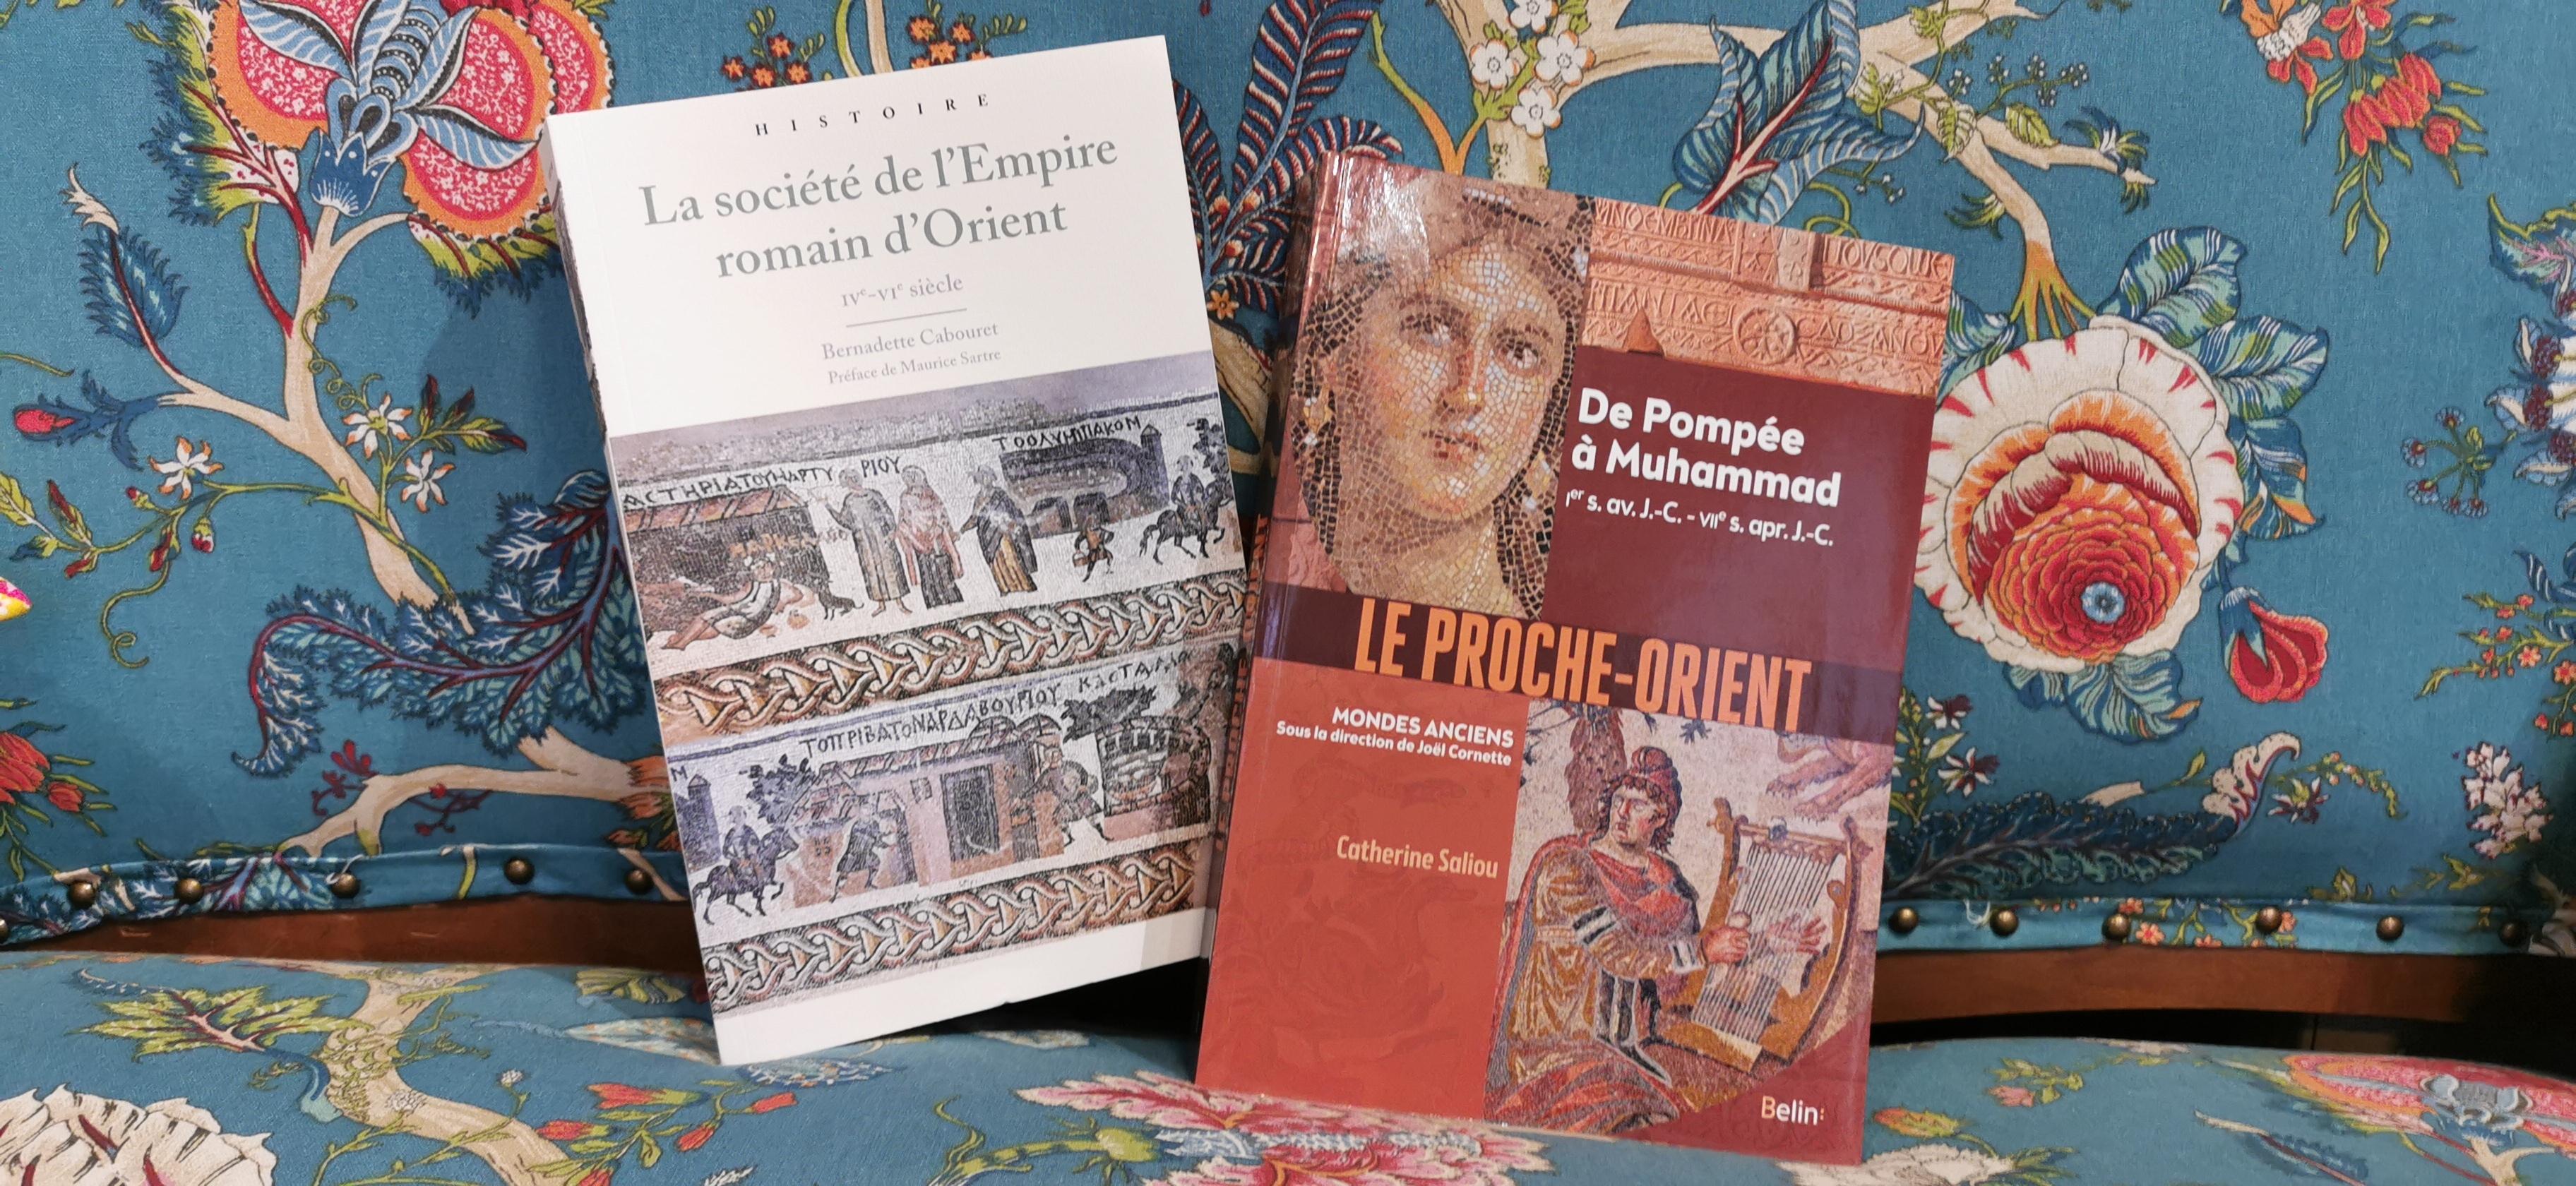 De natura rerum reçoit samedi 31 juillet à 18h les historiennes spécialistes du Proche-Orient romain Catherine Saliou et Bernadette Cabouret, de concert avec l'exposition Sûria wâqifa / Syrie debout.